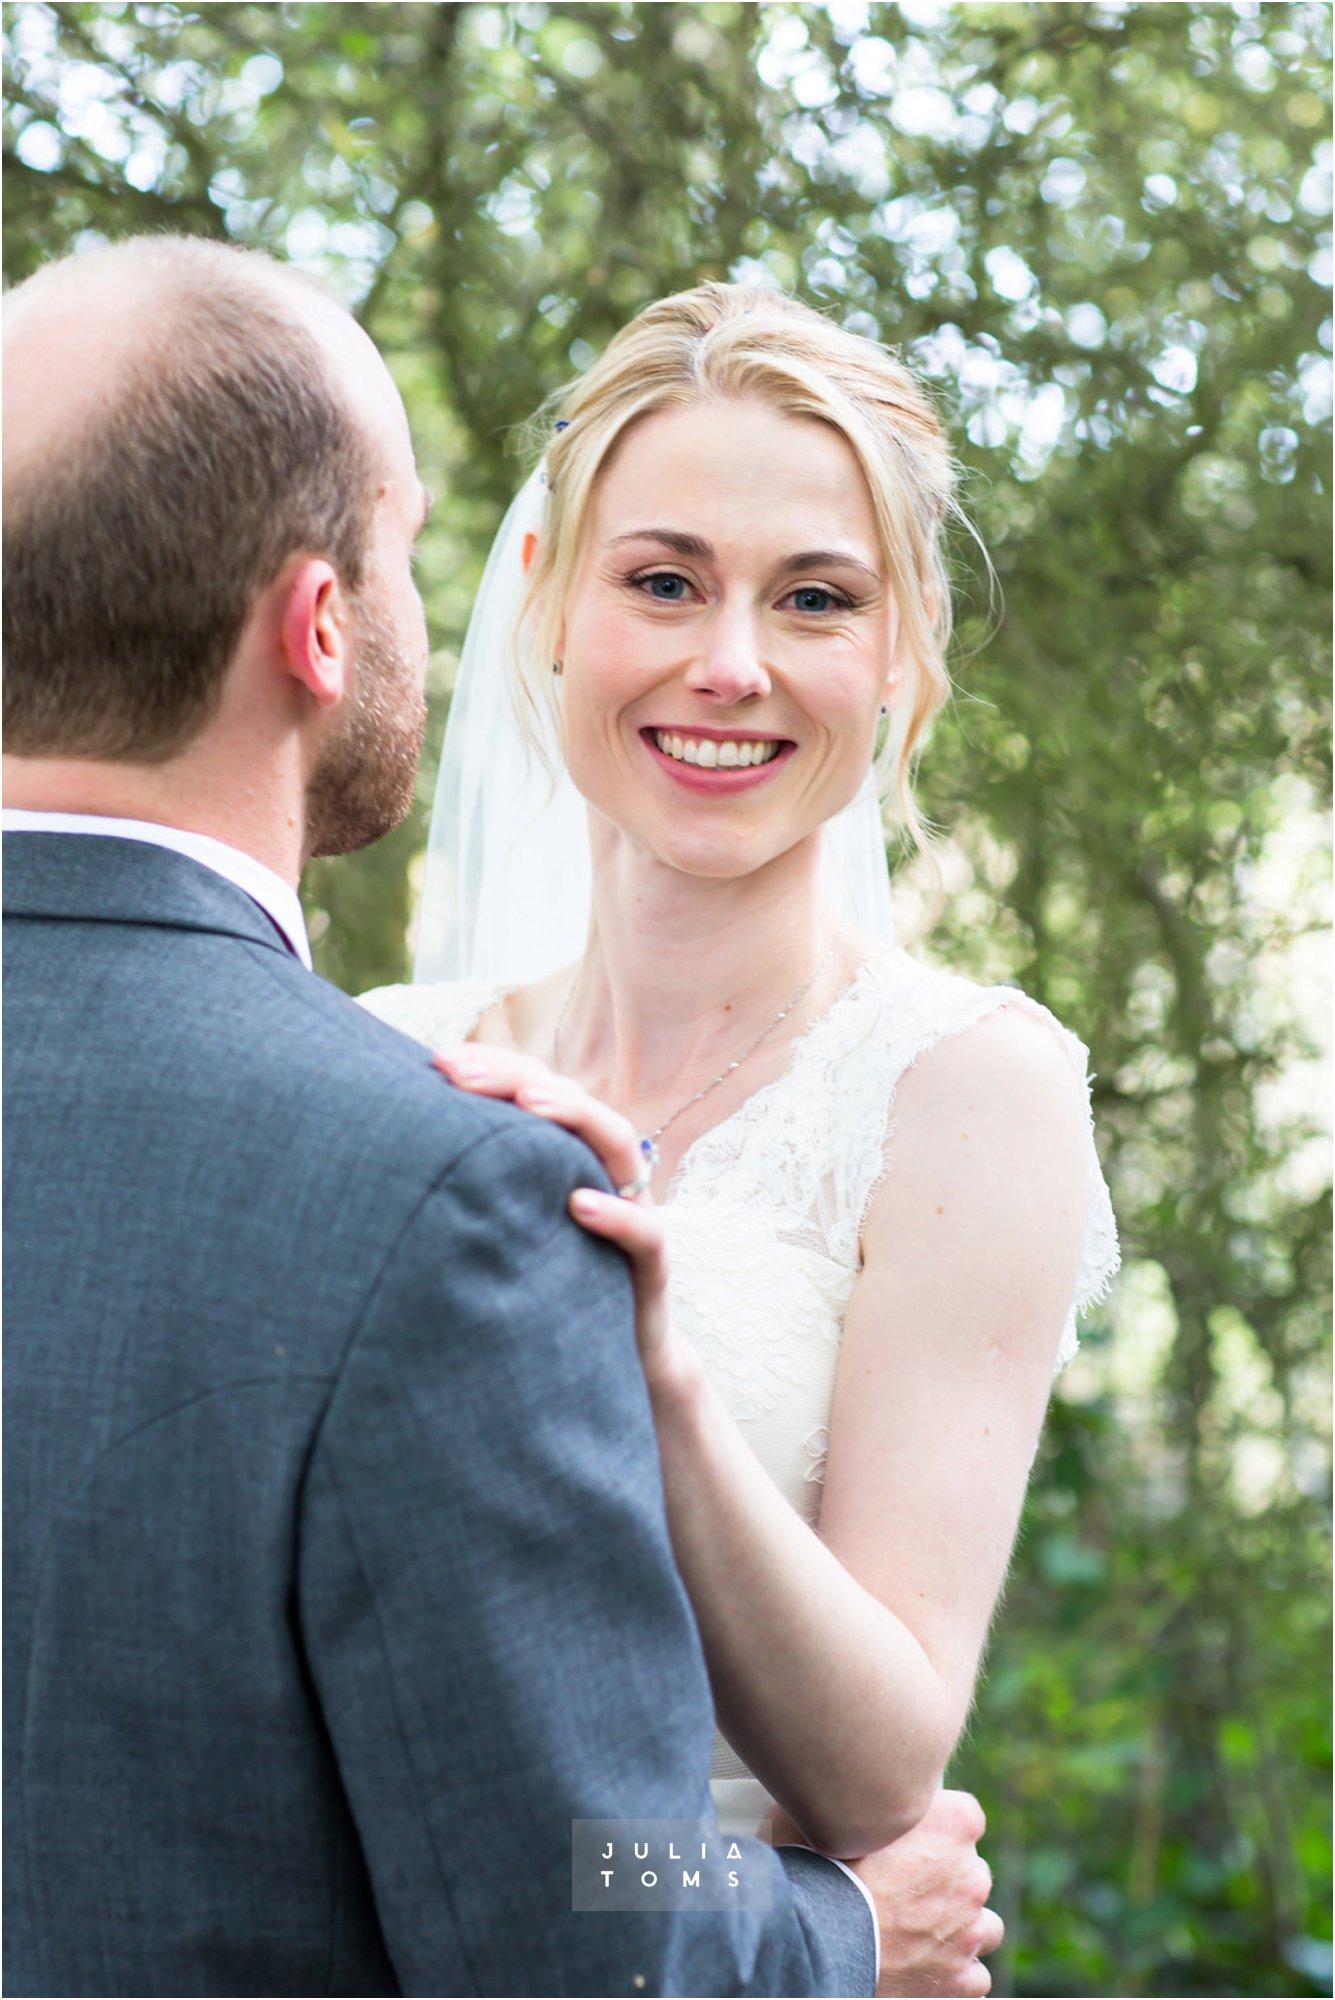 itchenor_wedding_chichester_photographer_042.jpg